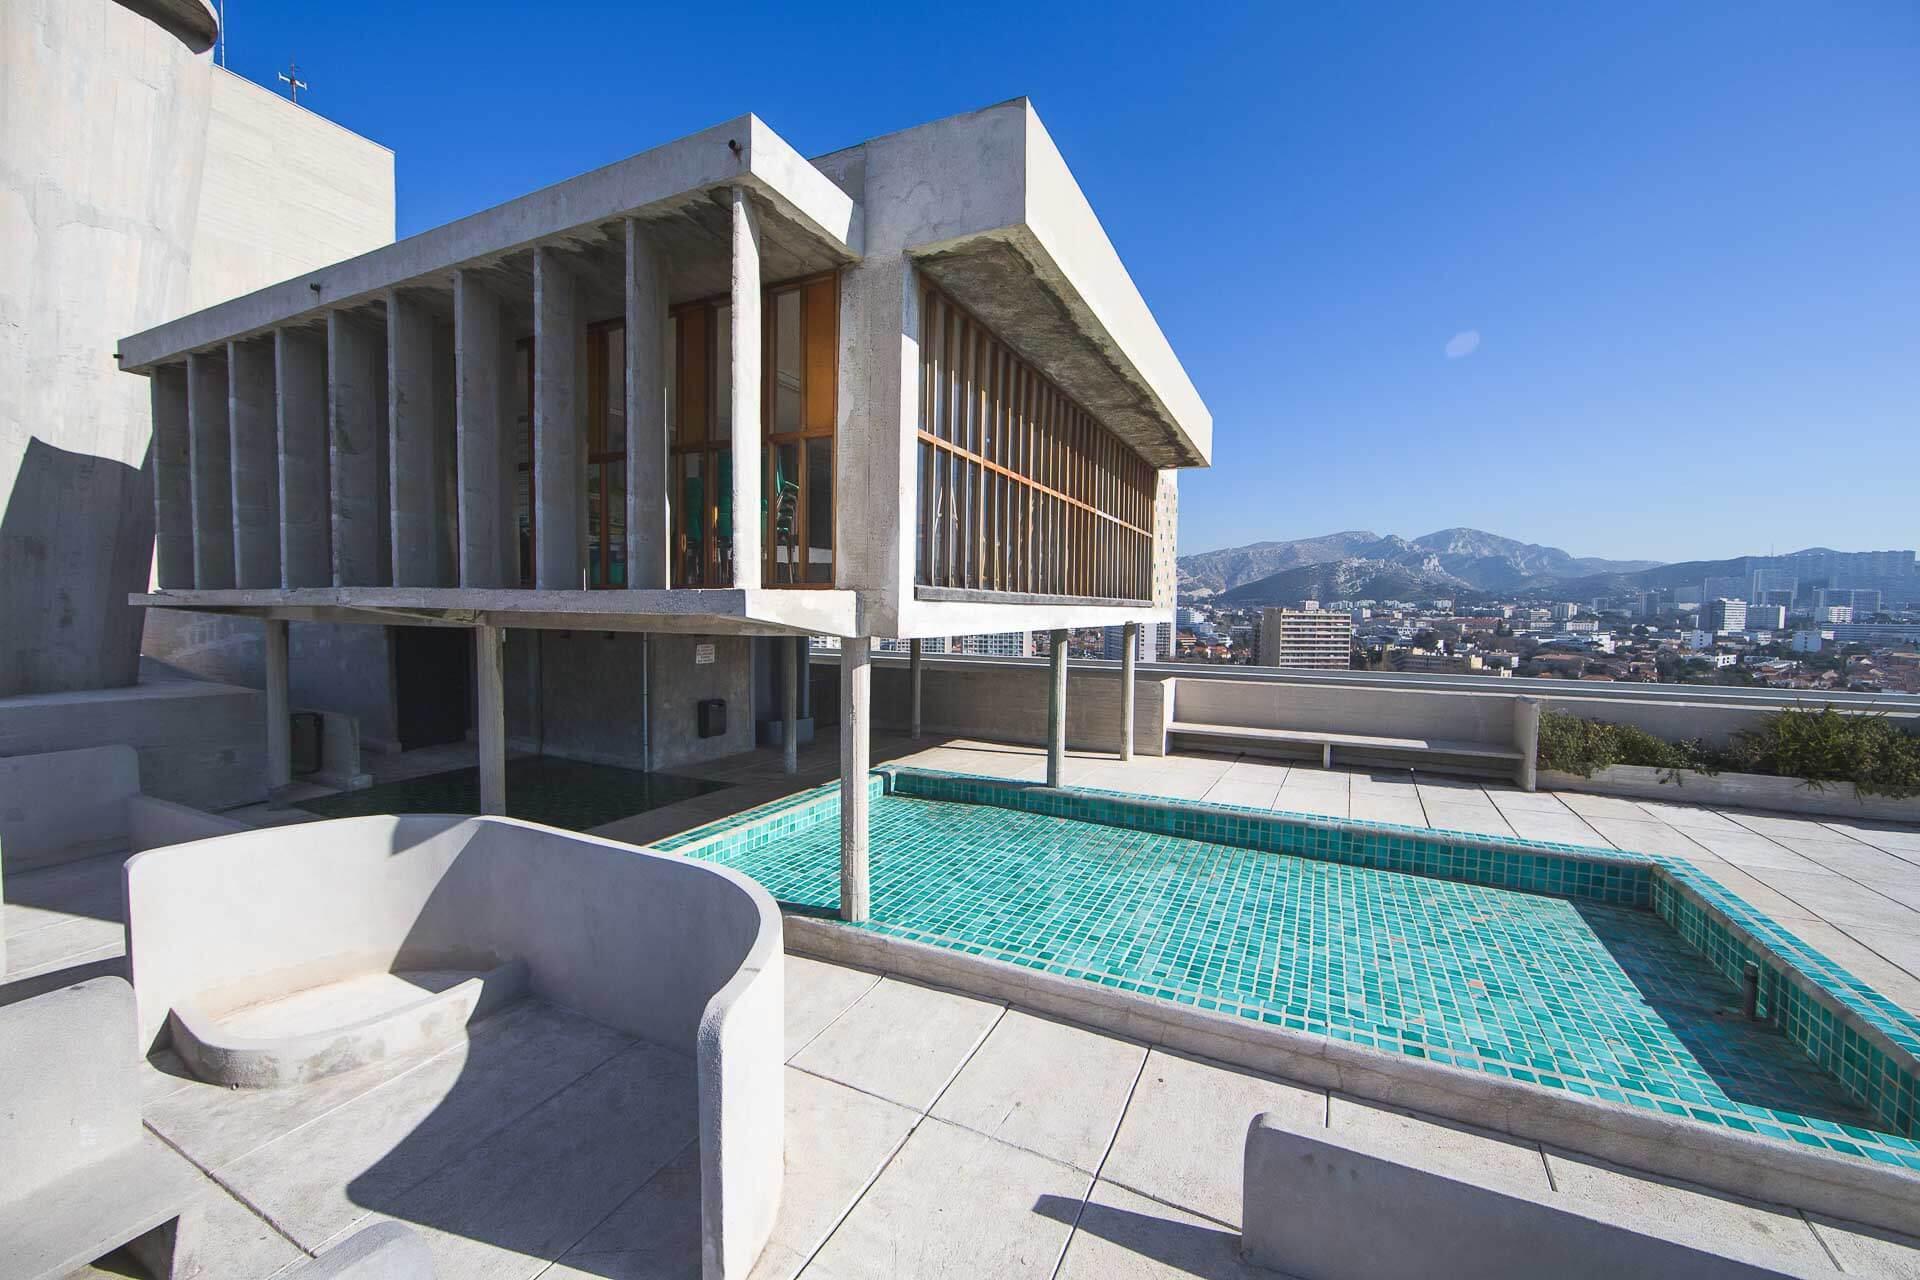 La piscine de l'hôtel Le Corbusier © DR